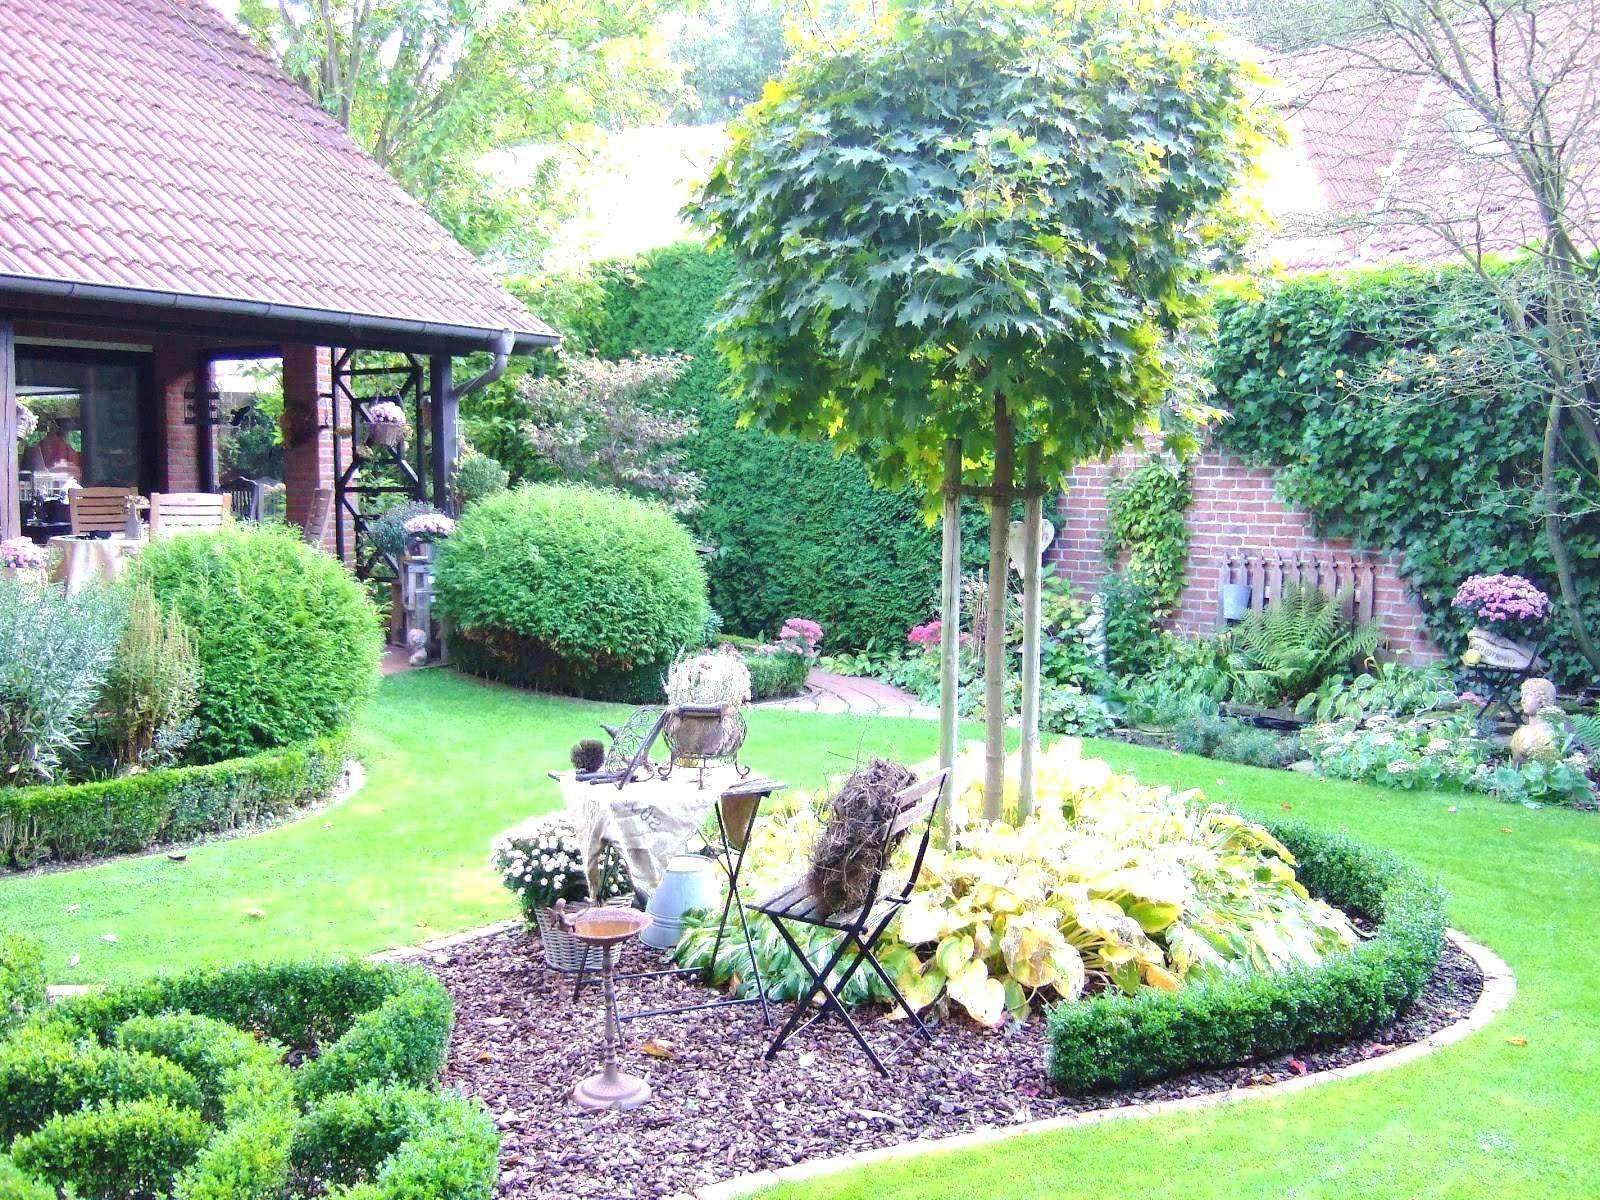 Garten Gestalten Ideen Reizend Garten Ideas Garten Anlegen Inspirational Aussenleuchten